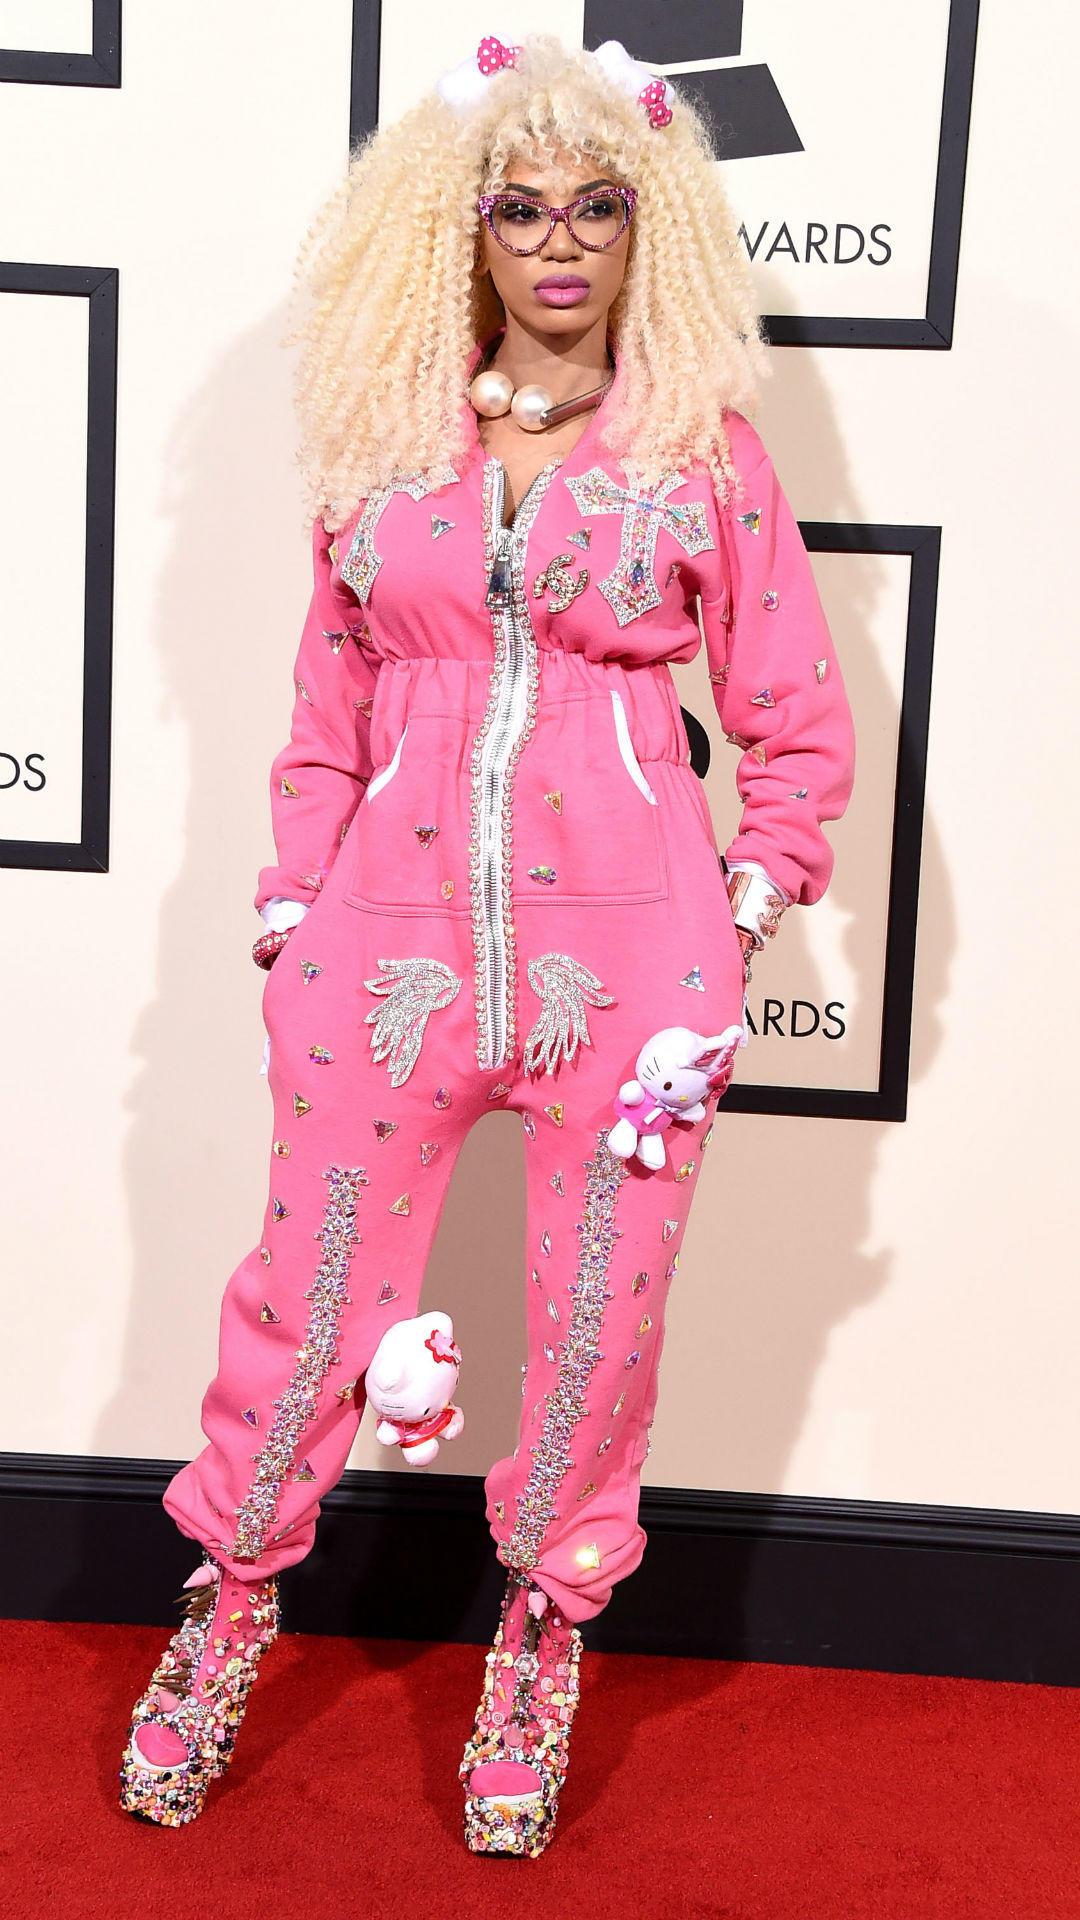 Atractivo Vestido De Novia De Nicki Minaj Patrón - Colección de ...